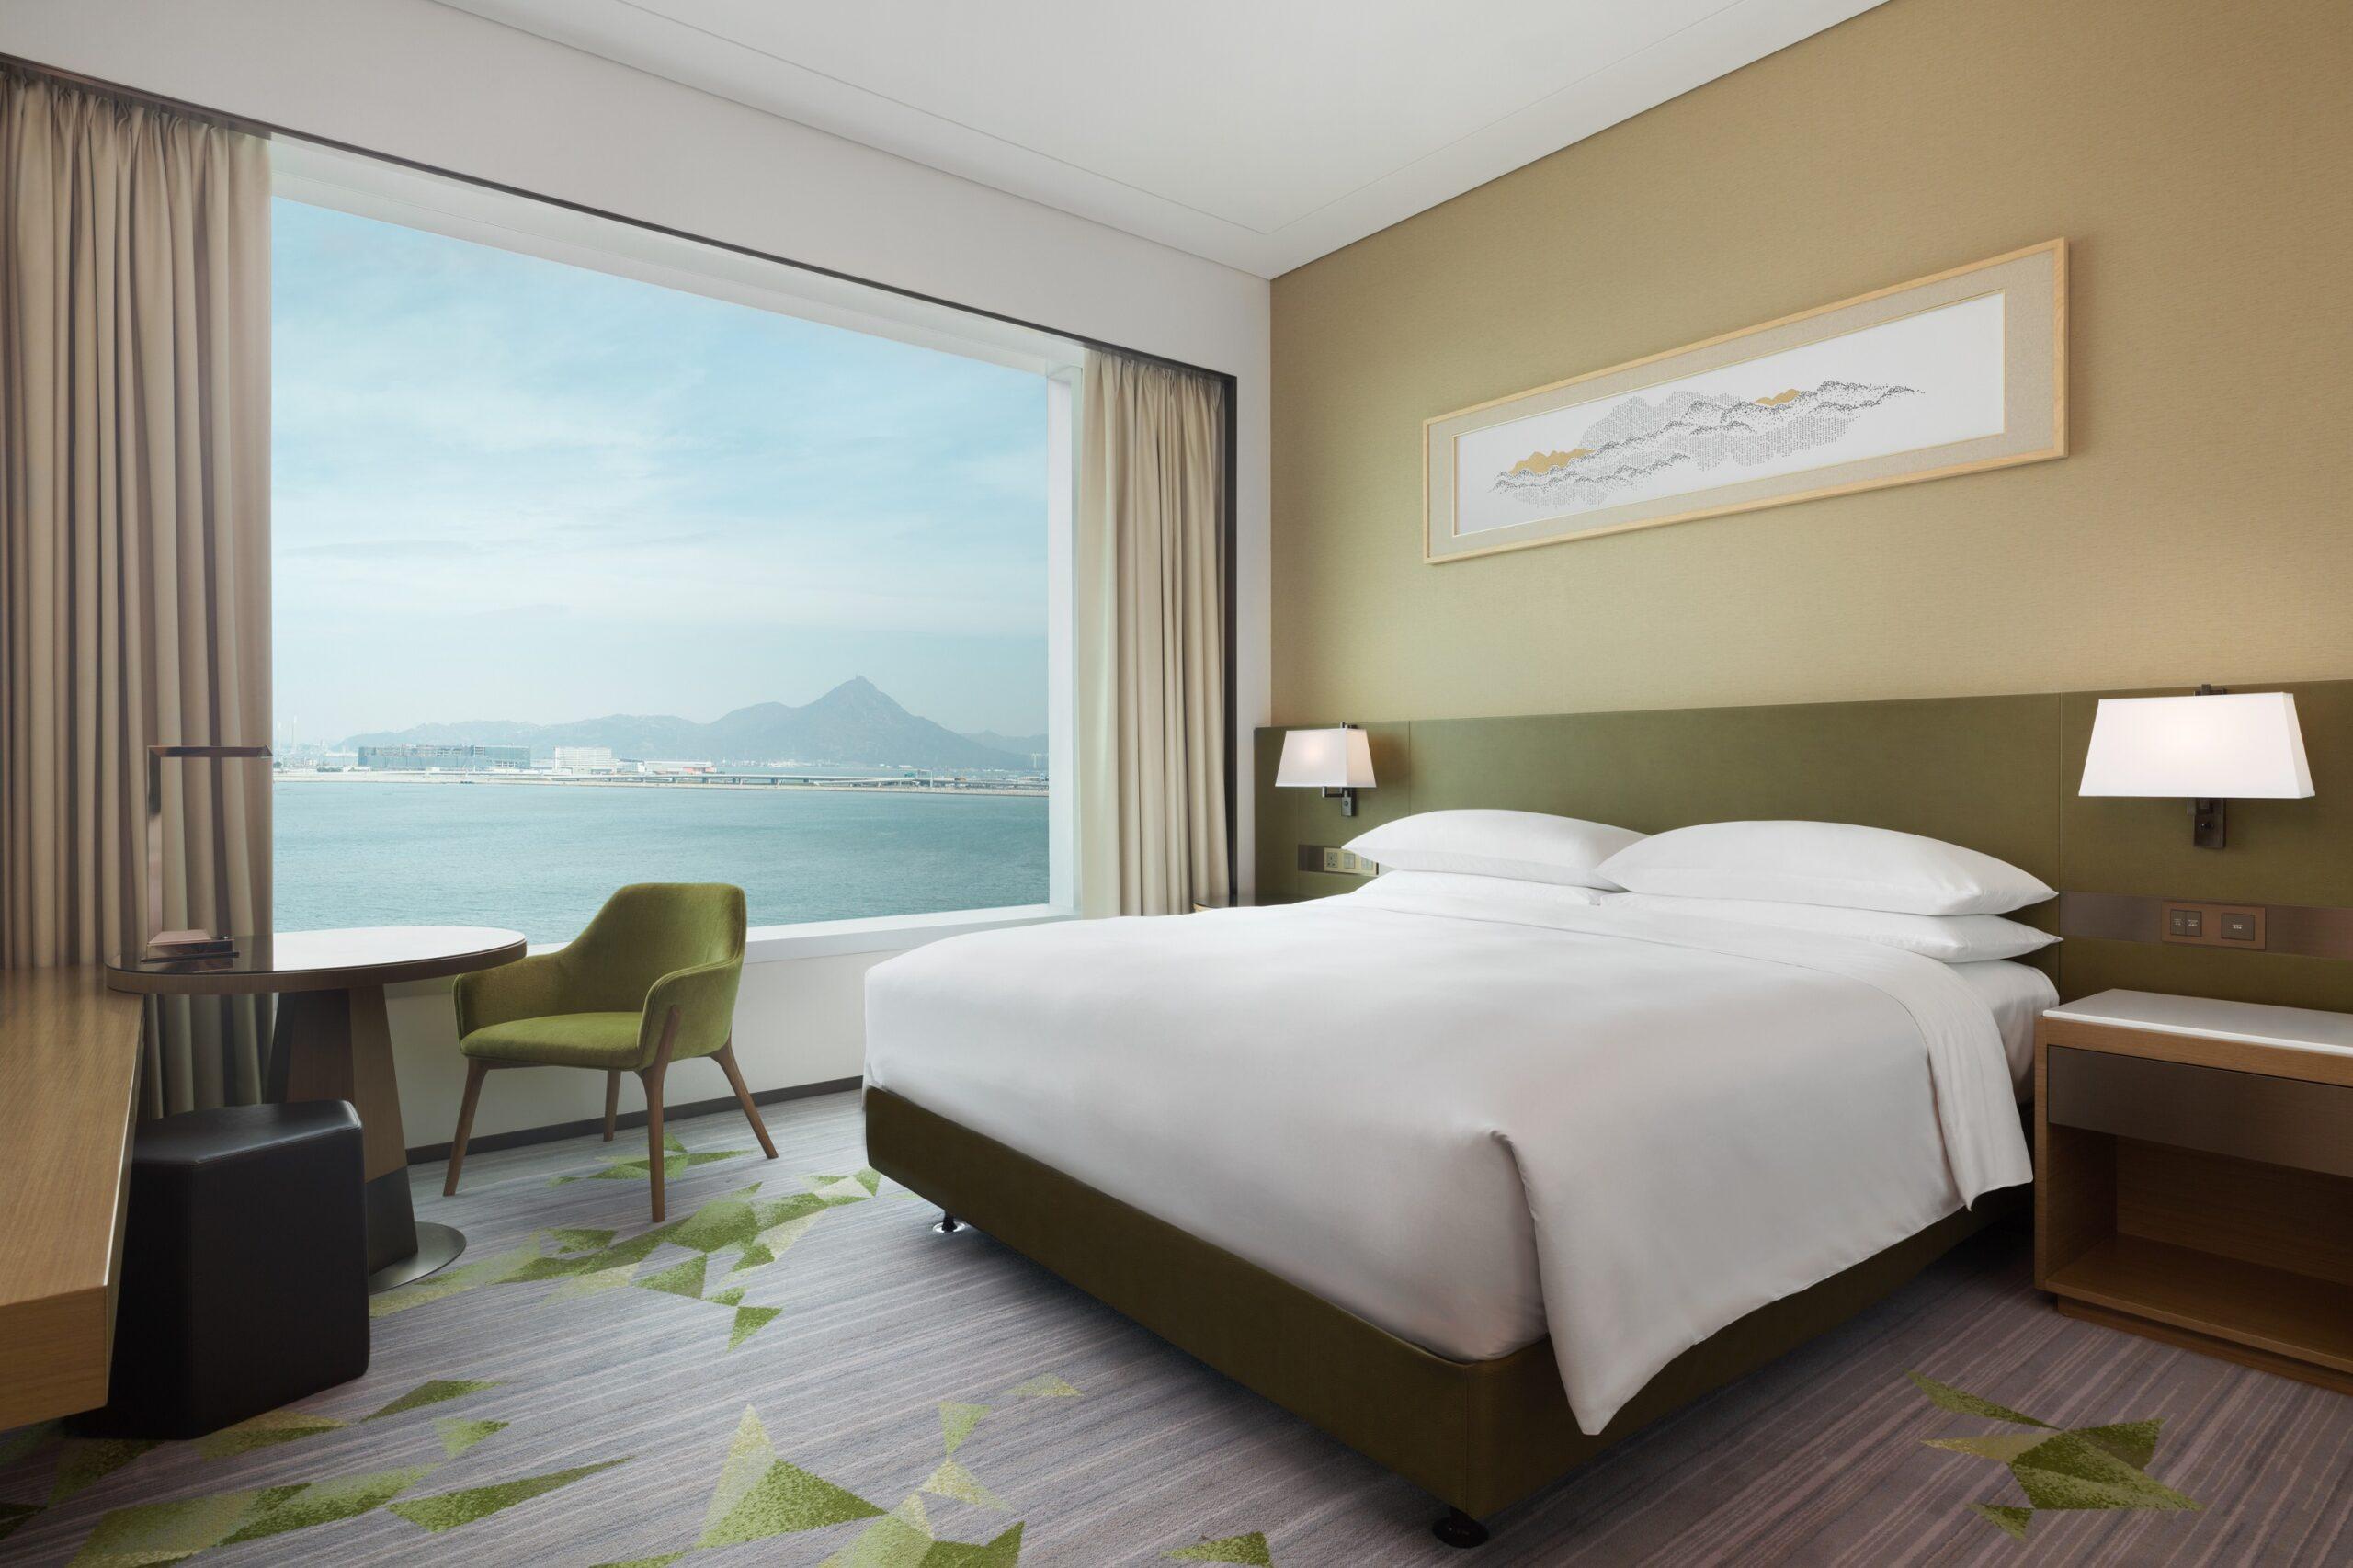 room at Sheraton Hong Kong tung Chung